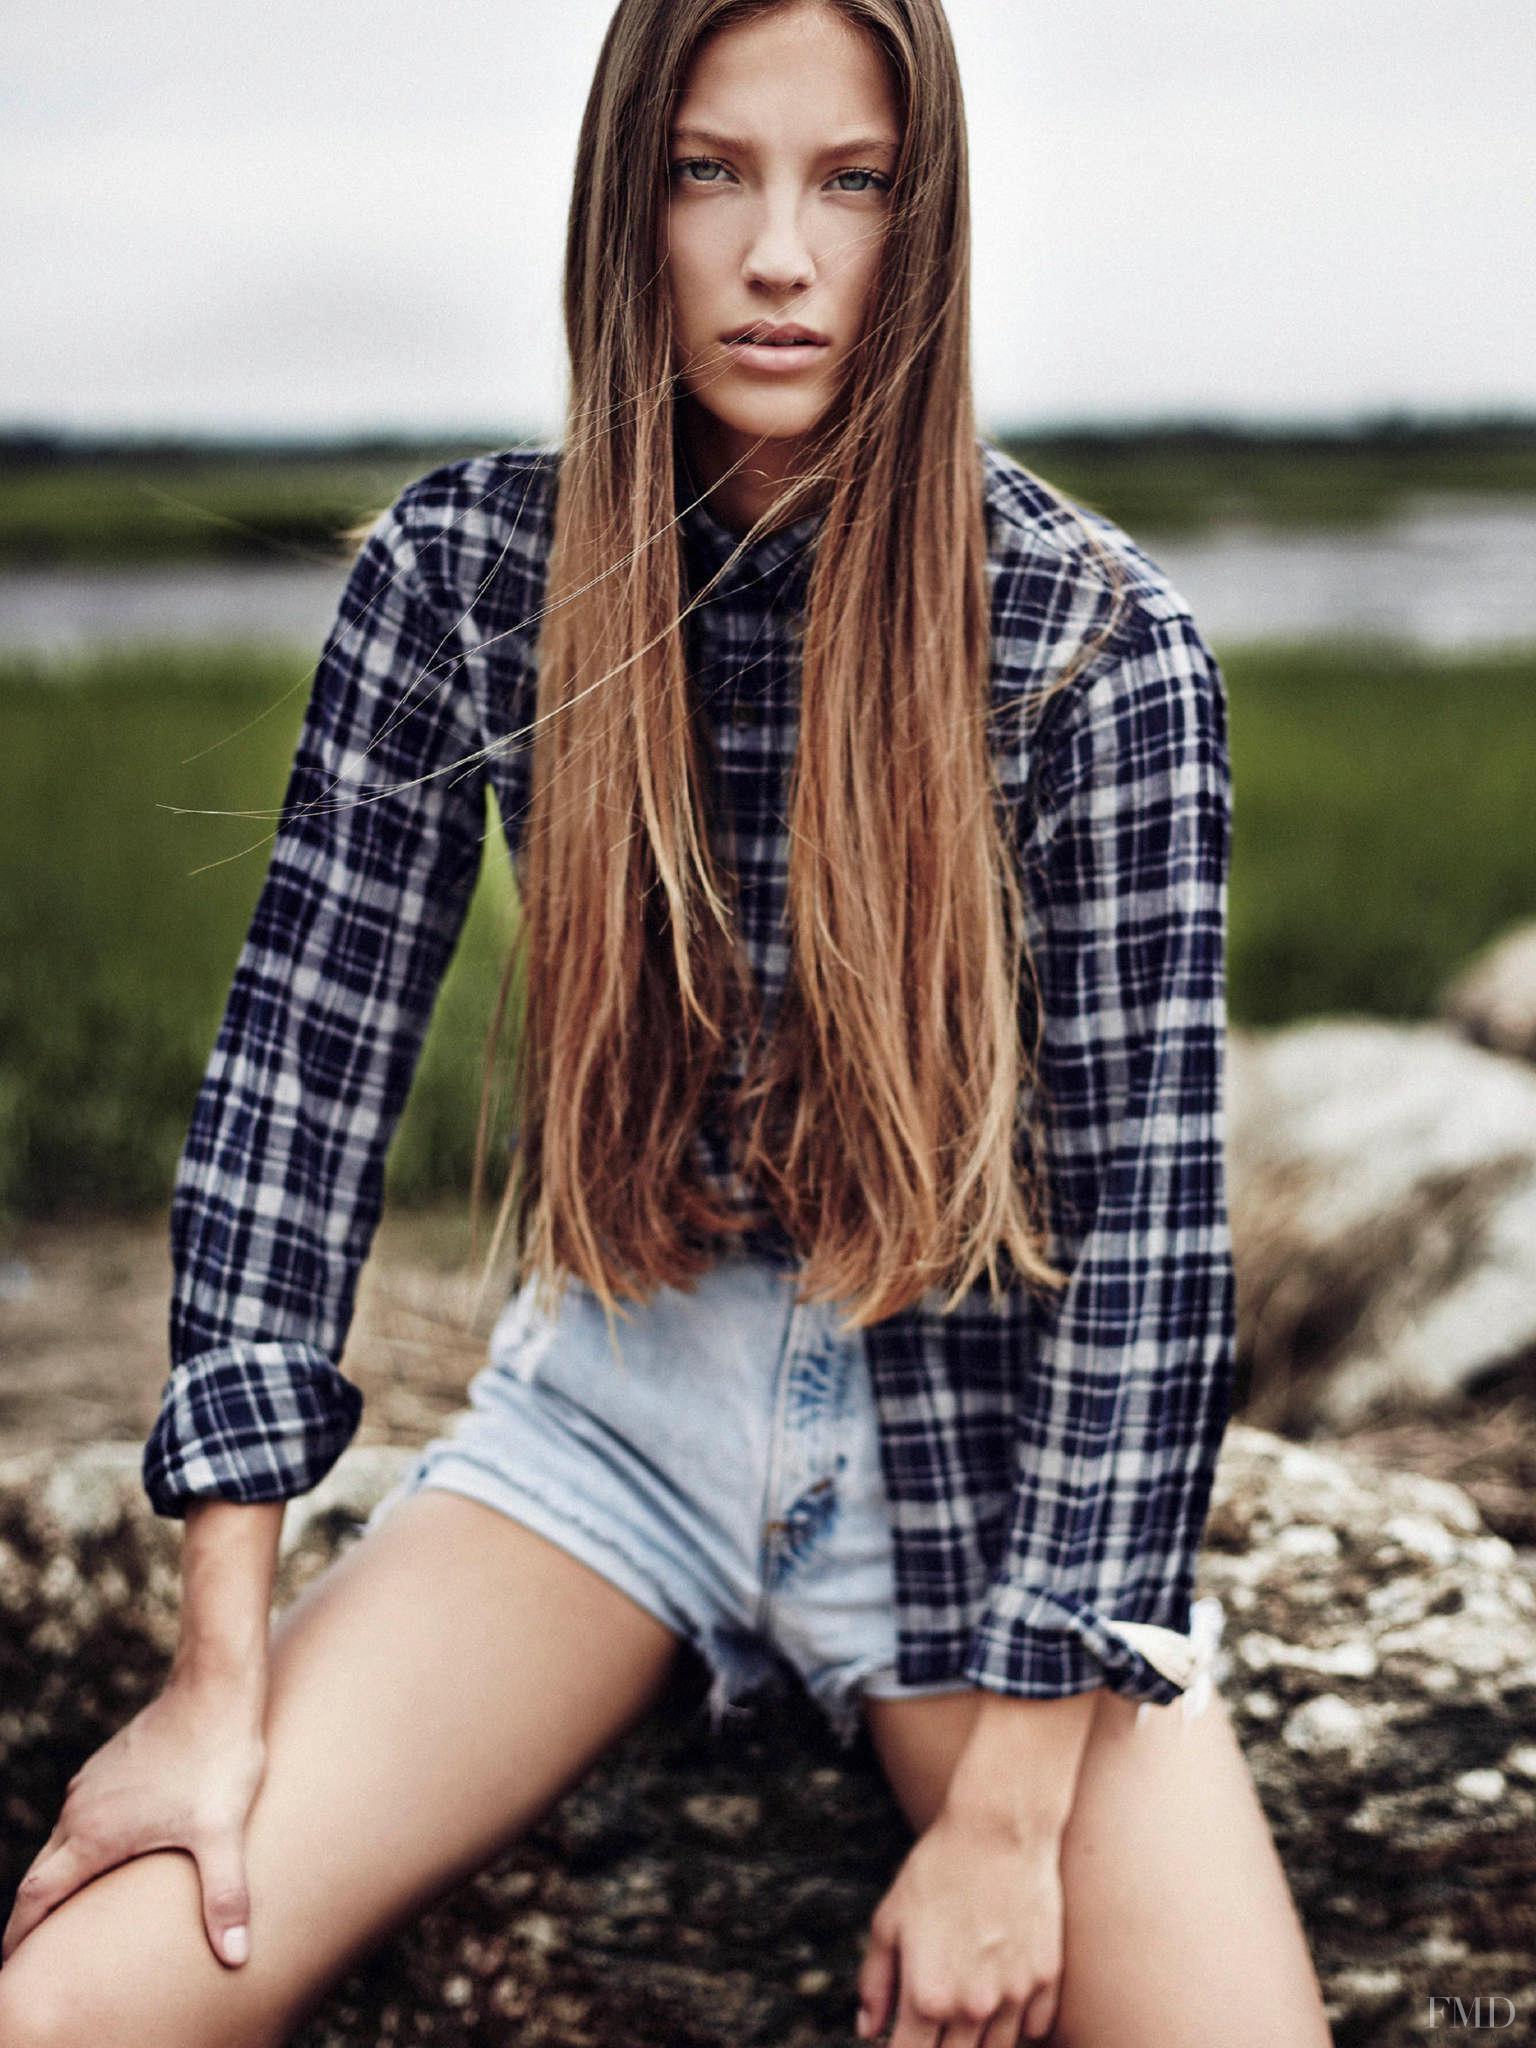 Lindsey nation - 5'10